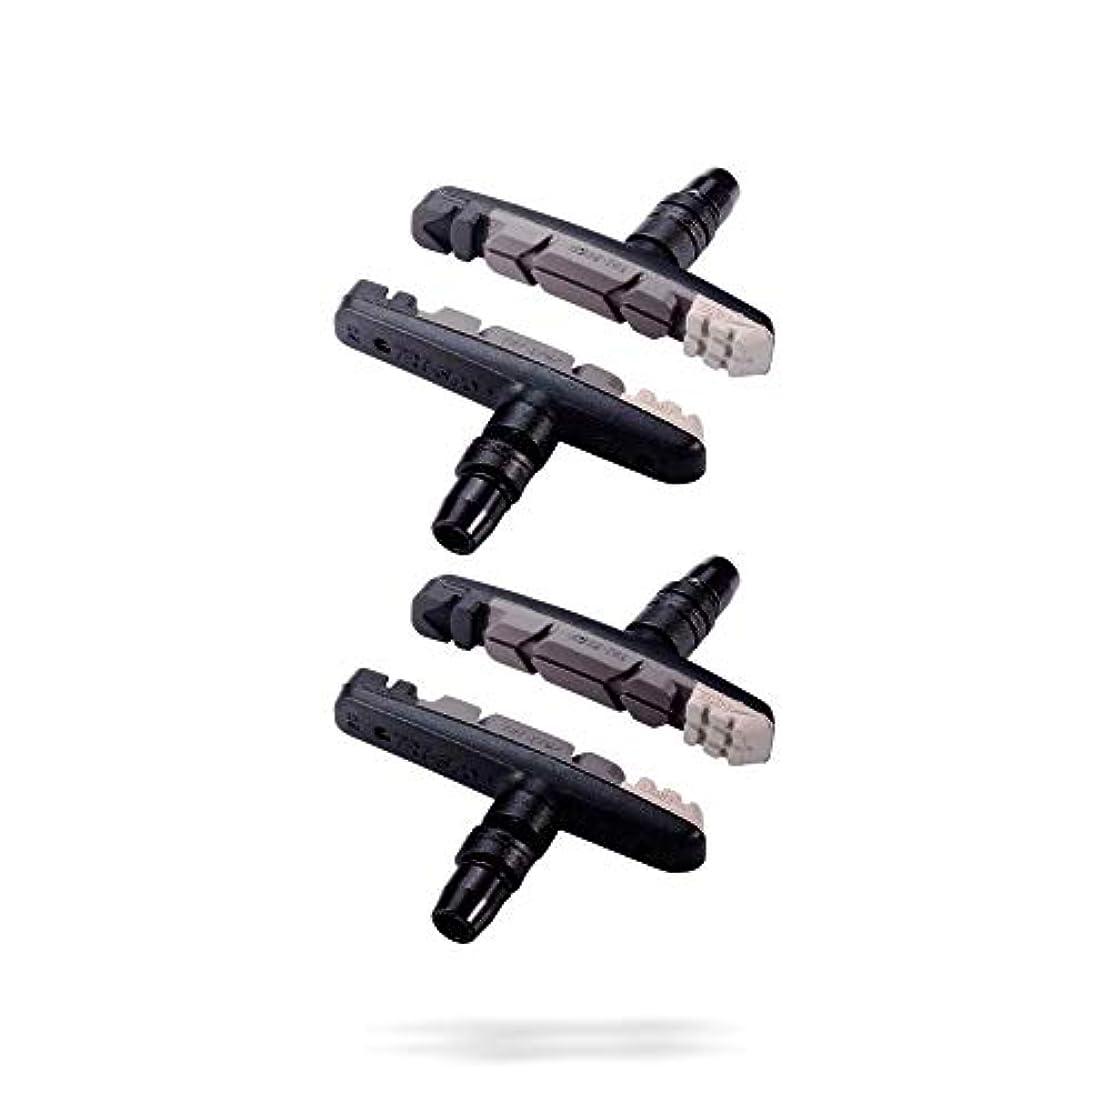 水っぽい器用兵器庫BBB 自転車 ブレーキシューセット Vブレーキ用 トライストップ トリプルコンパウンド 4個入り BBS-16T グレー 205067